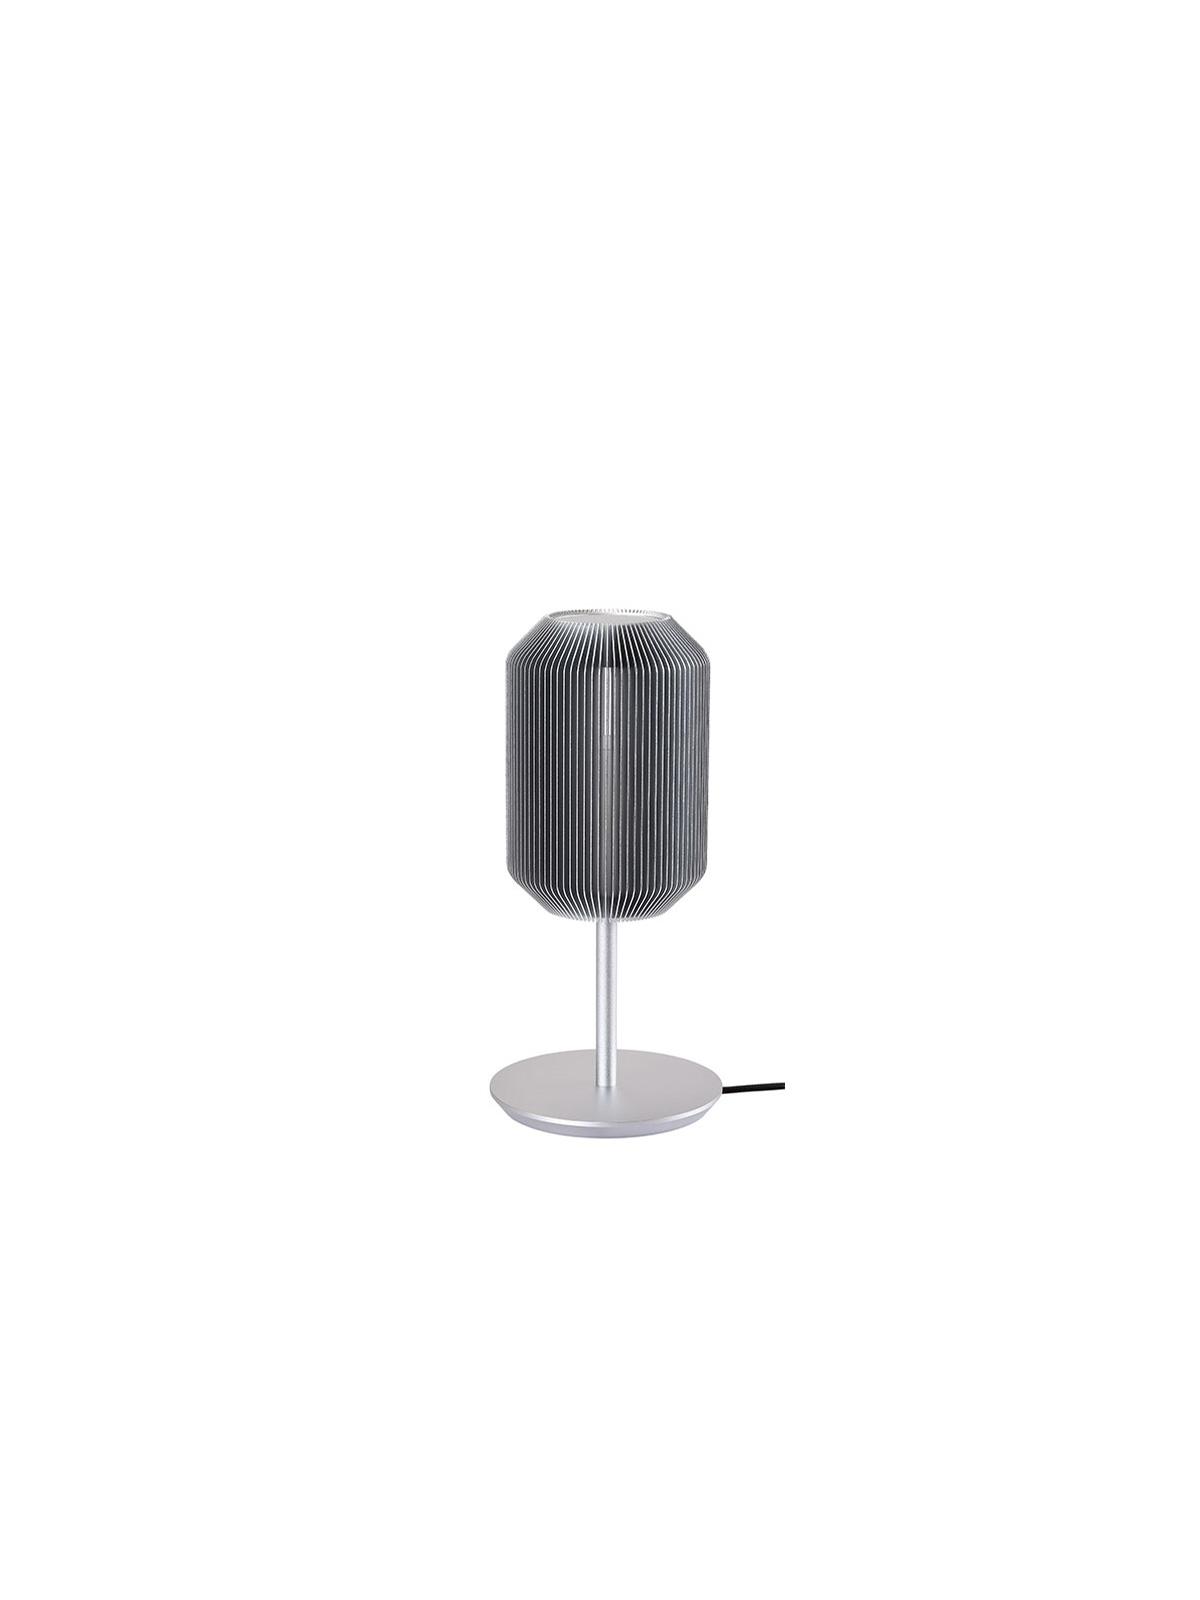 Tischlampe Joseph aus Aluminium eoq innermost